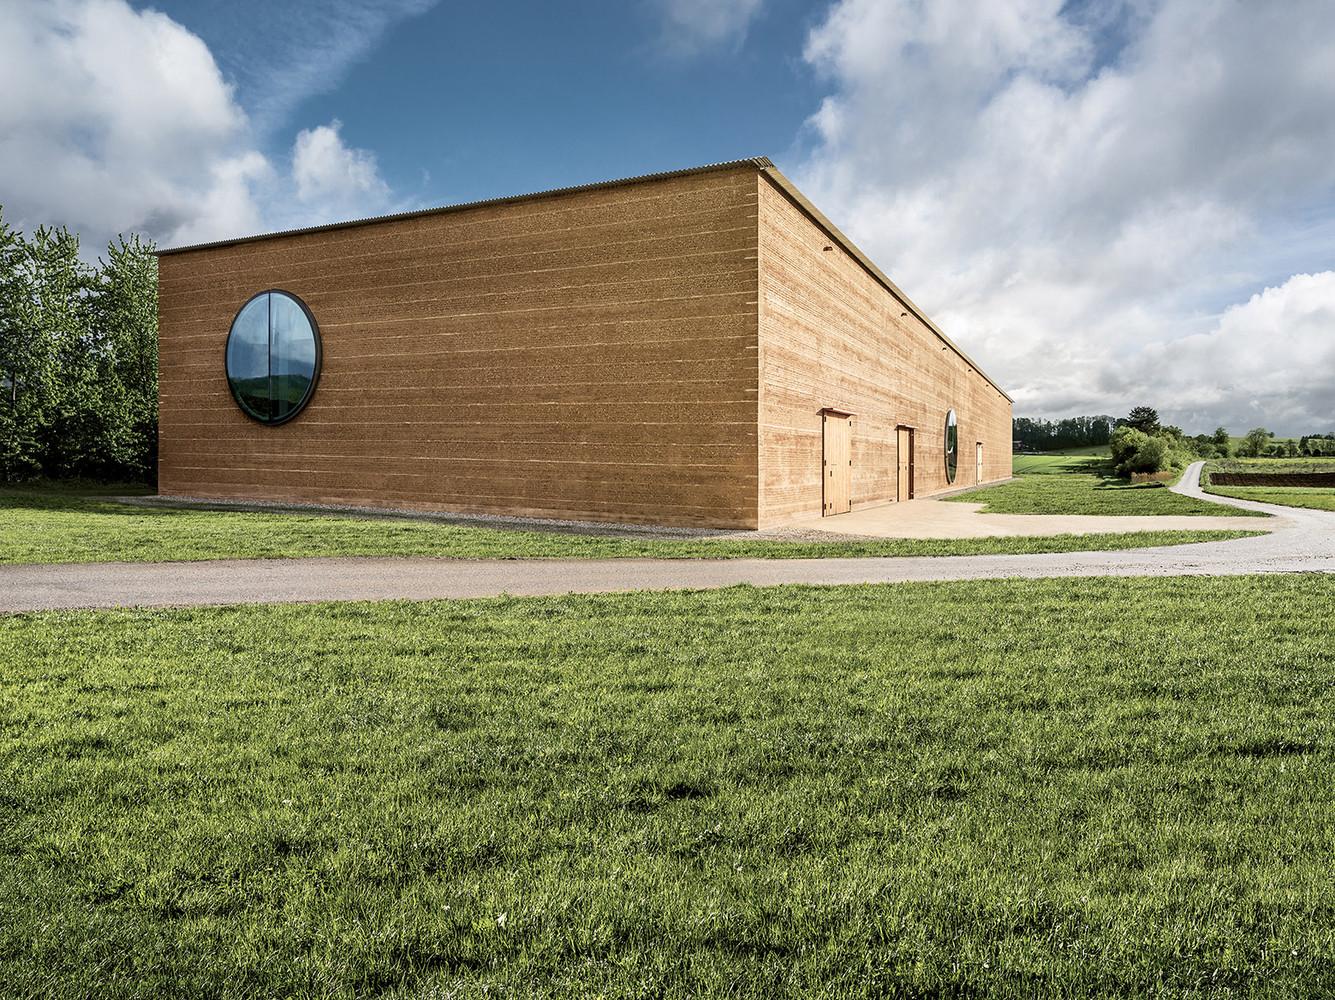 Ricola Kräuterzentrum / Herzog & de Meuron